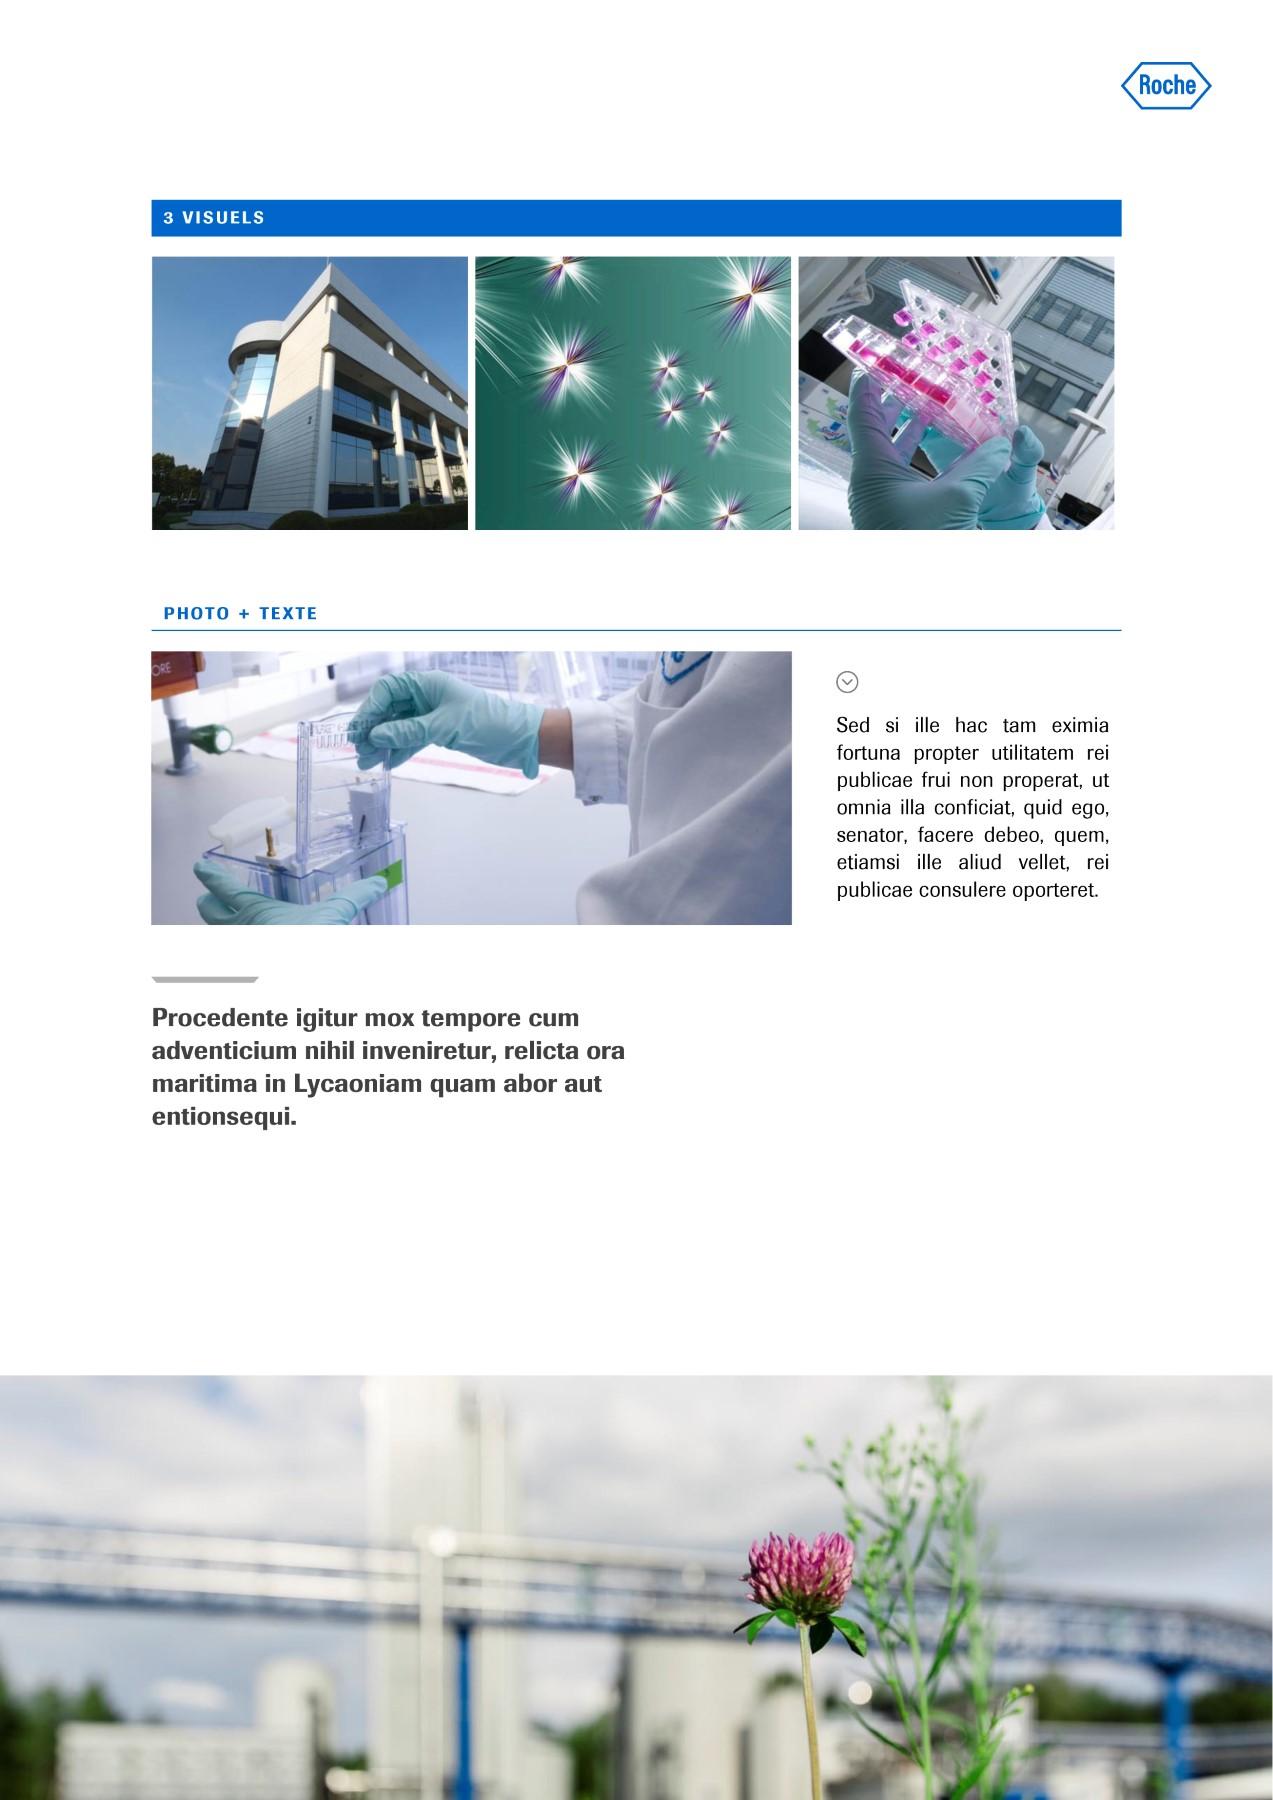 Modèle de présentation Word professionnelle pour laboratoire Roche 6